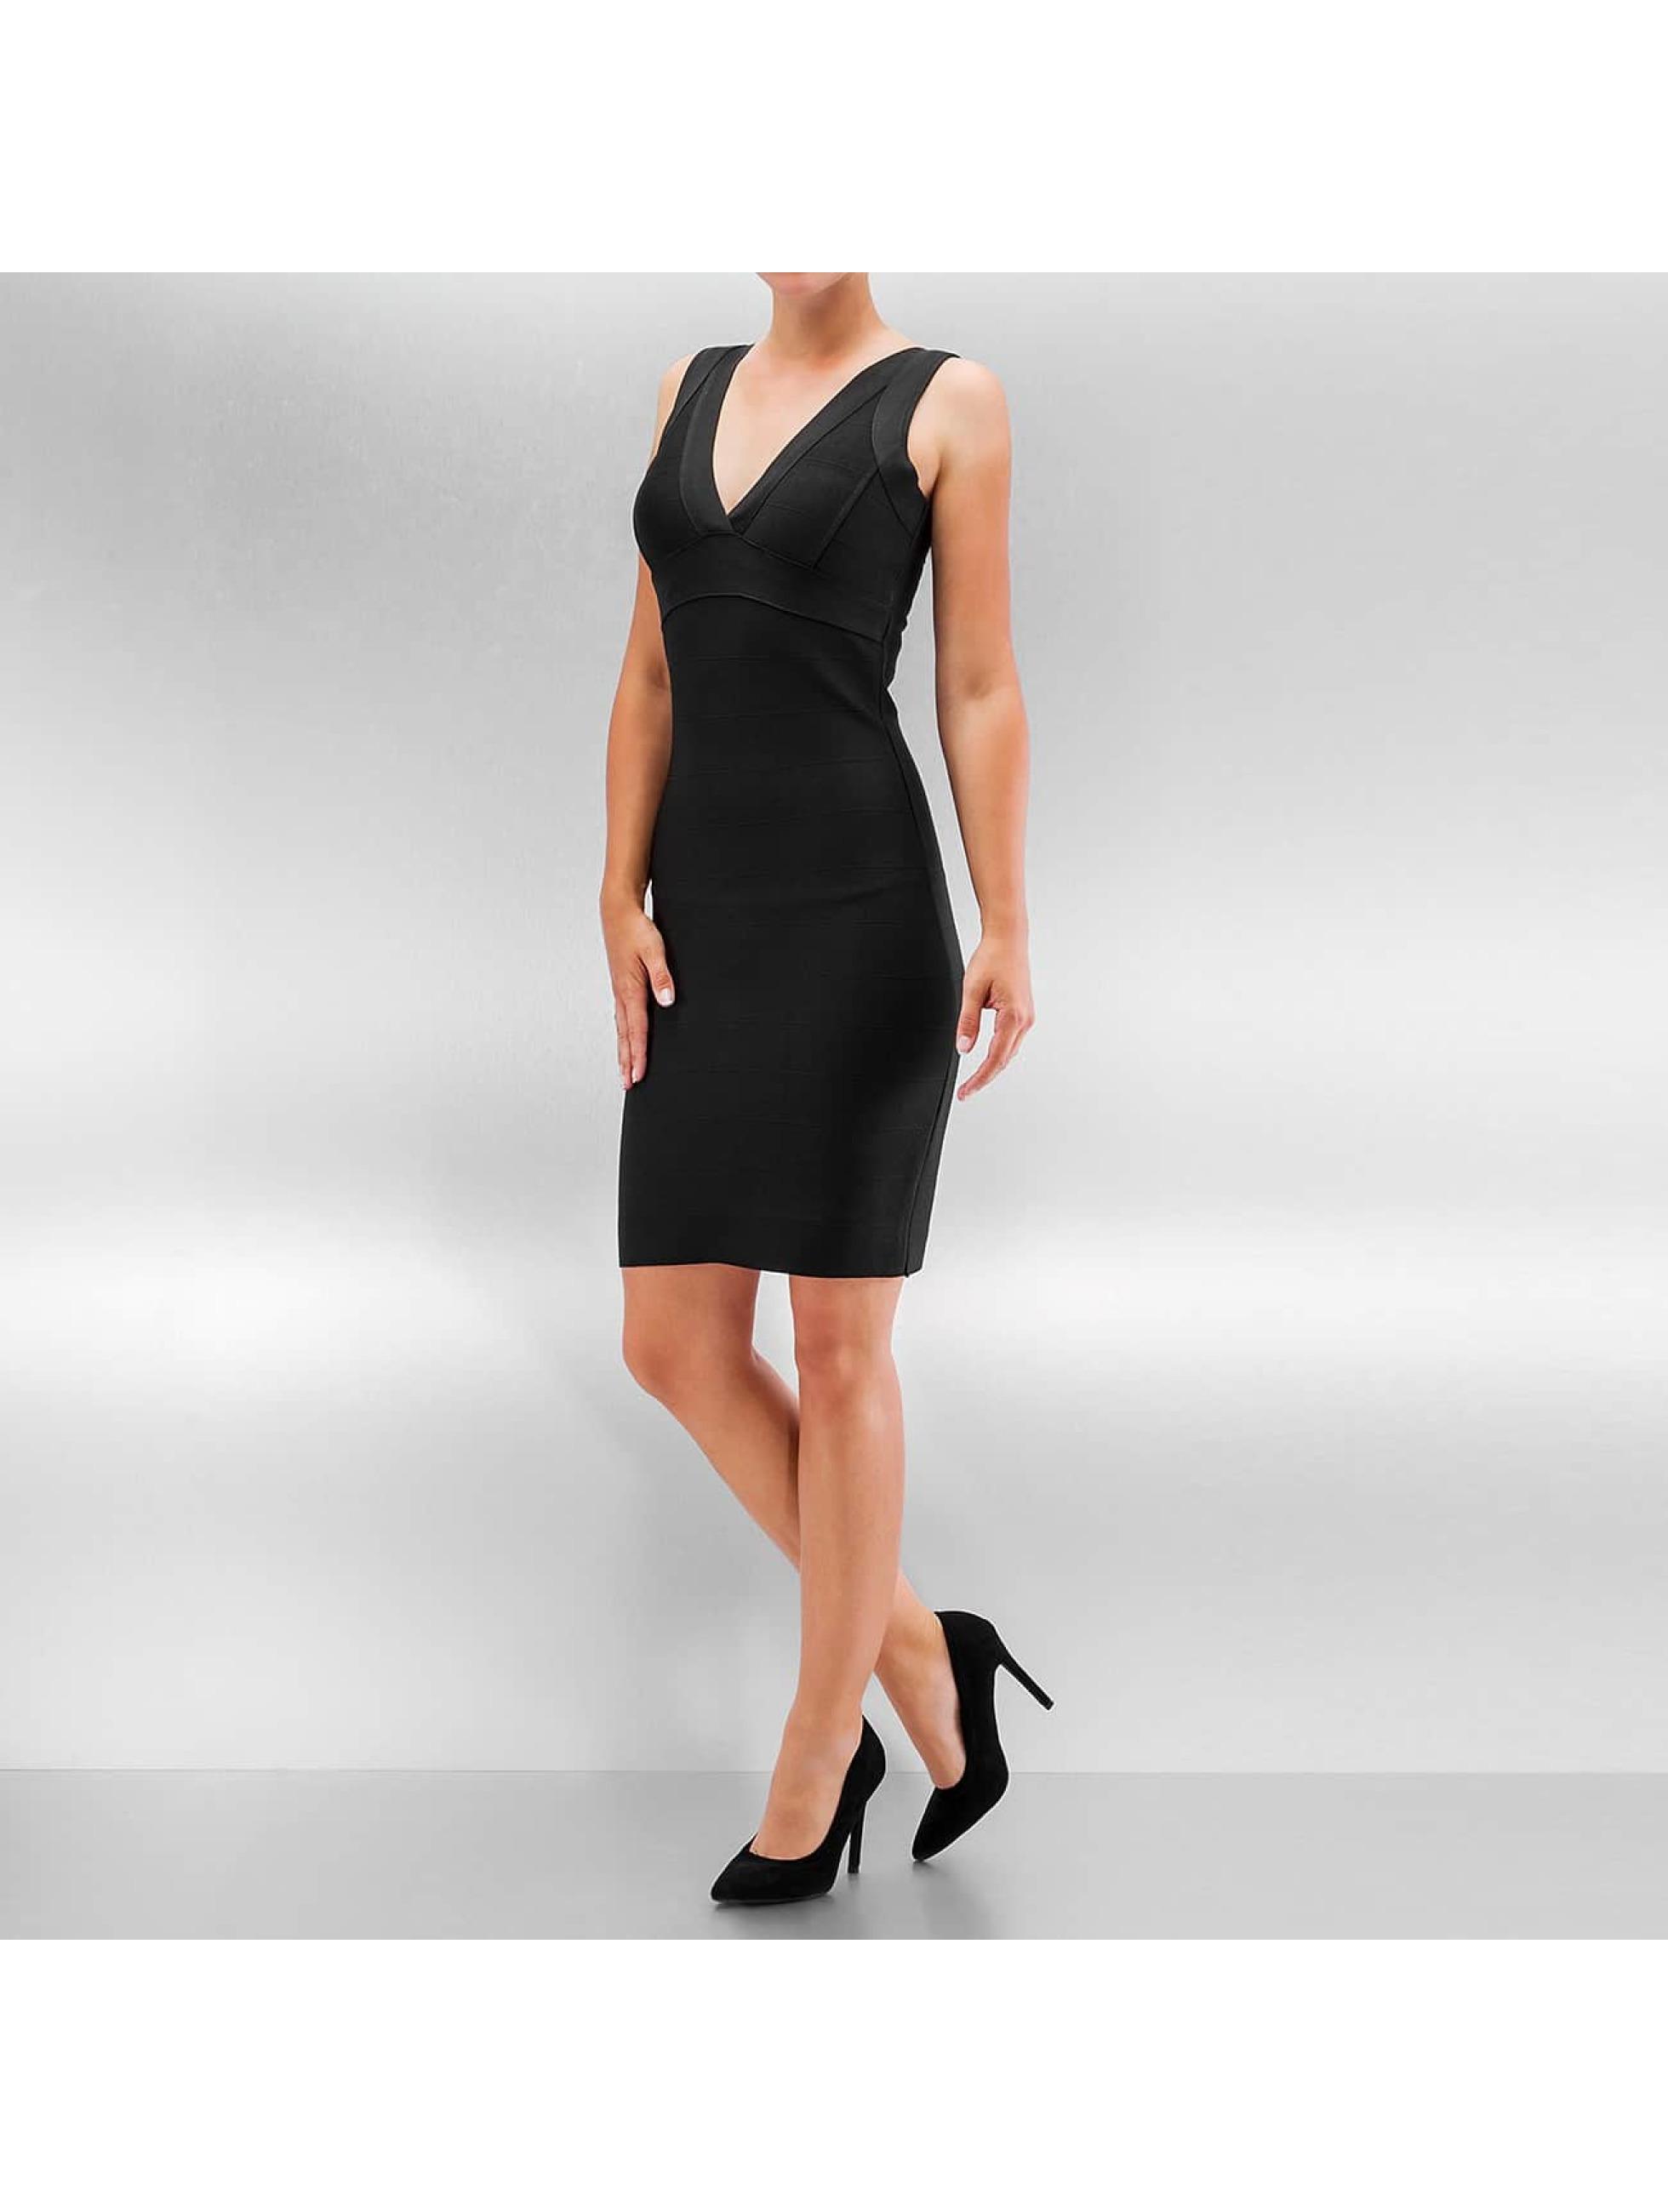 Kleid onlNew in schwarz